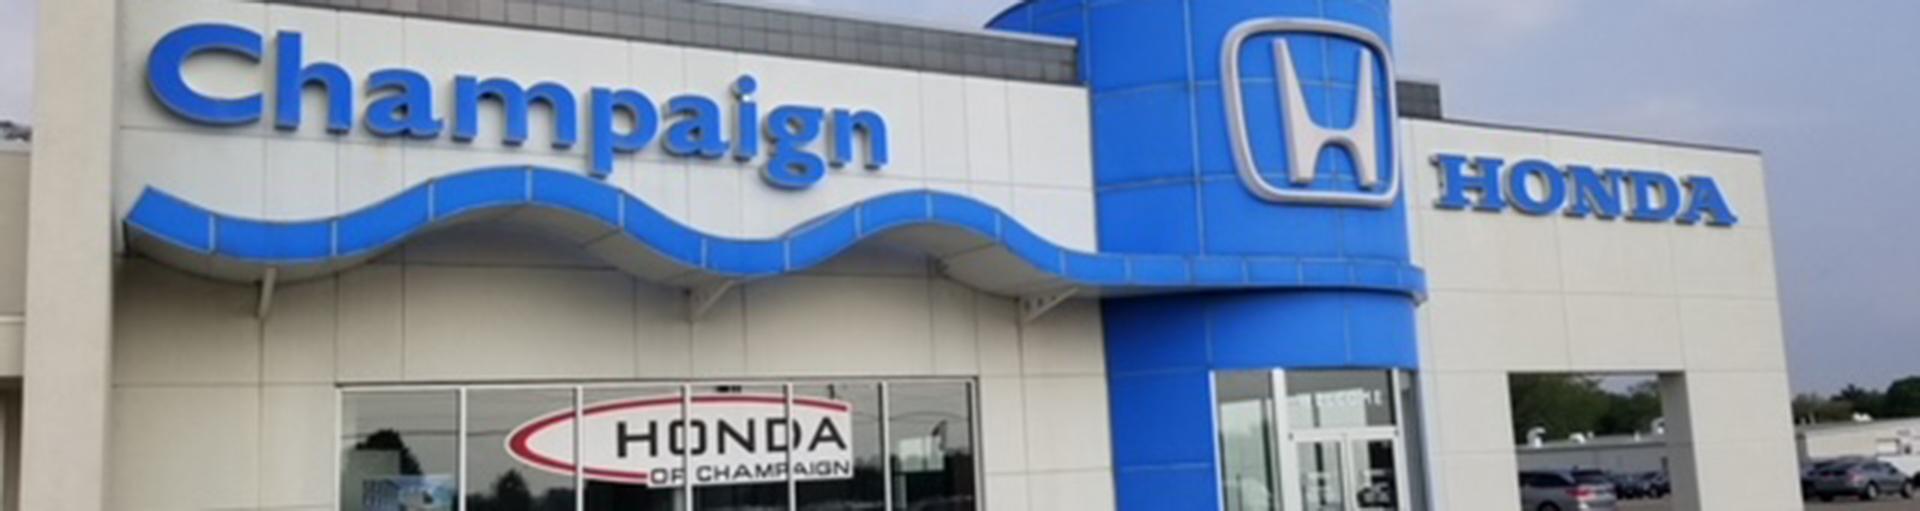 Honda of Champaign Service & Parts Specials